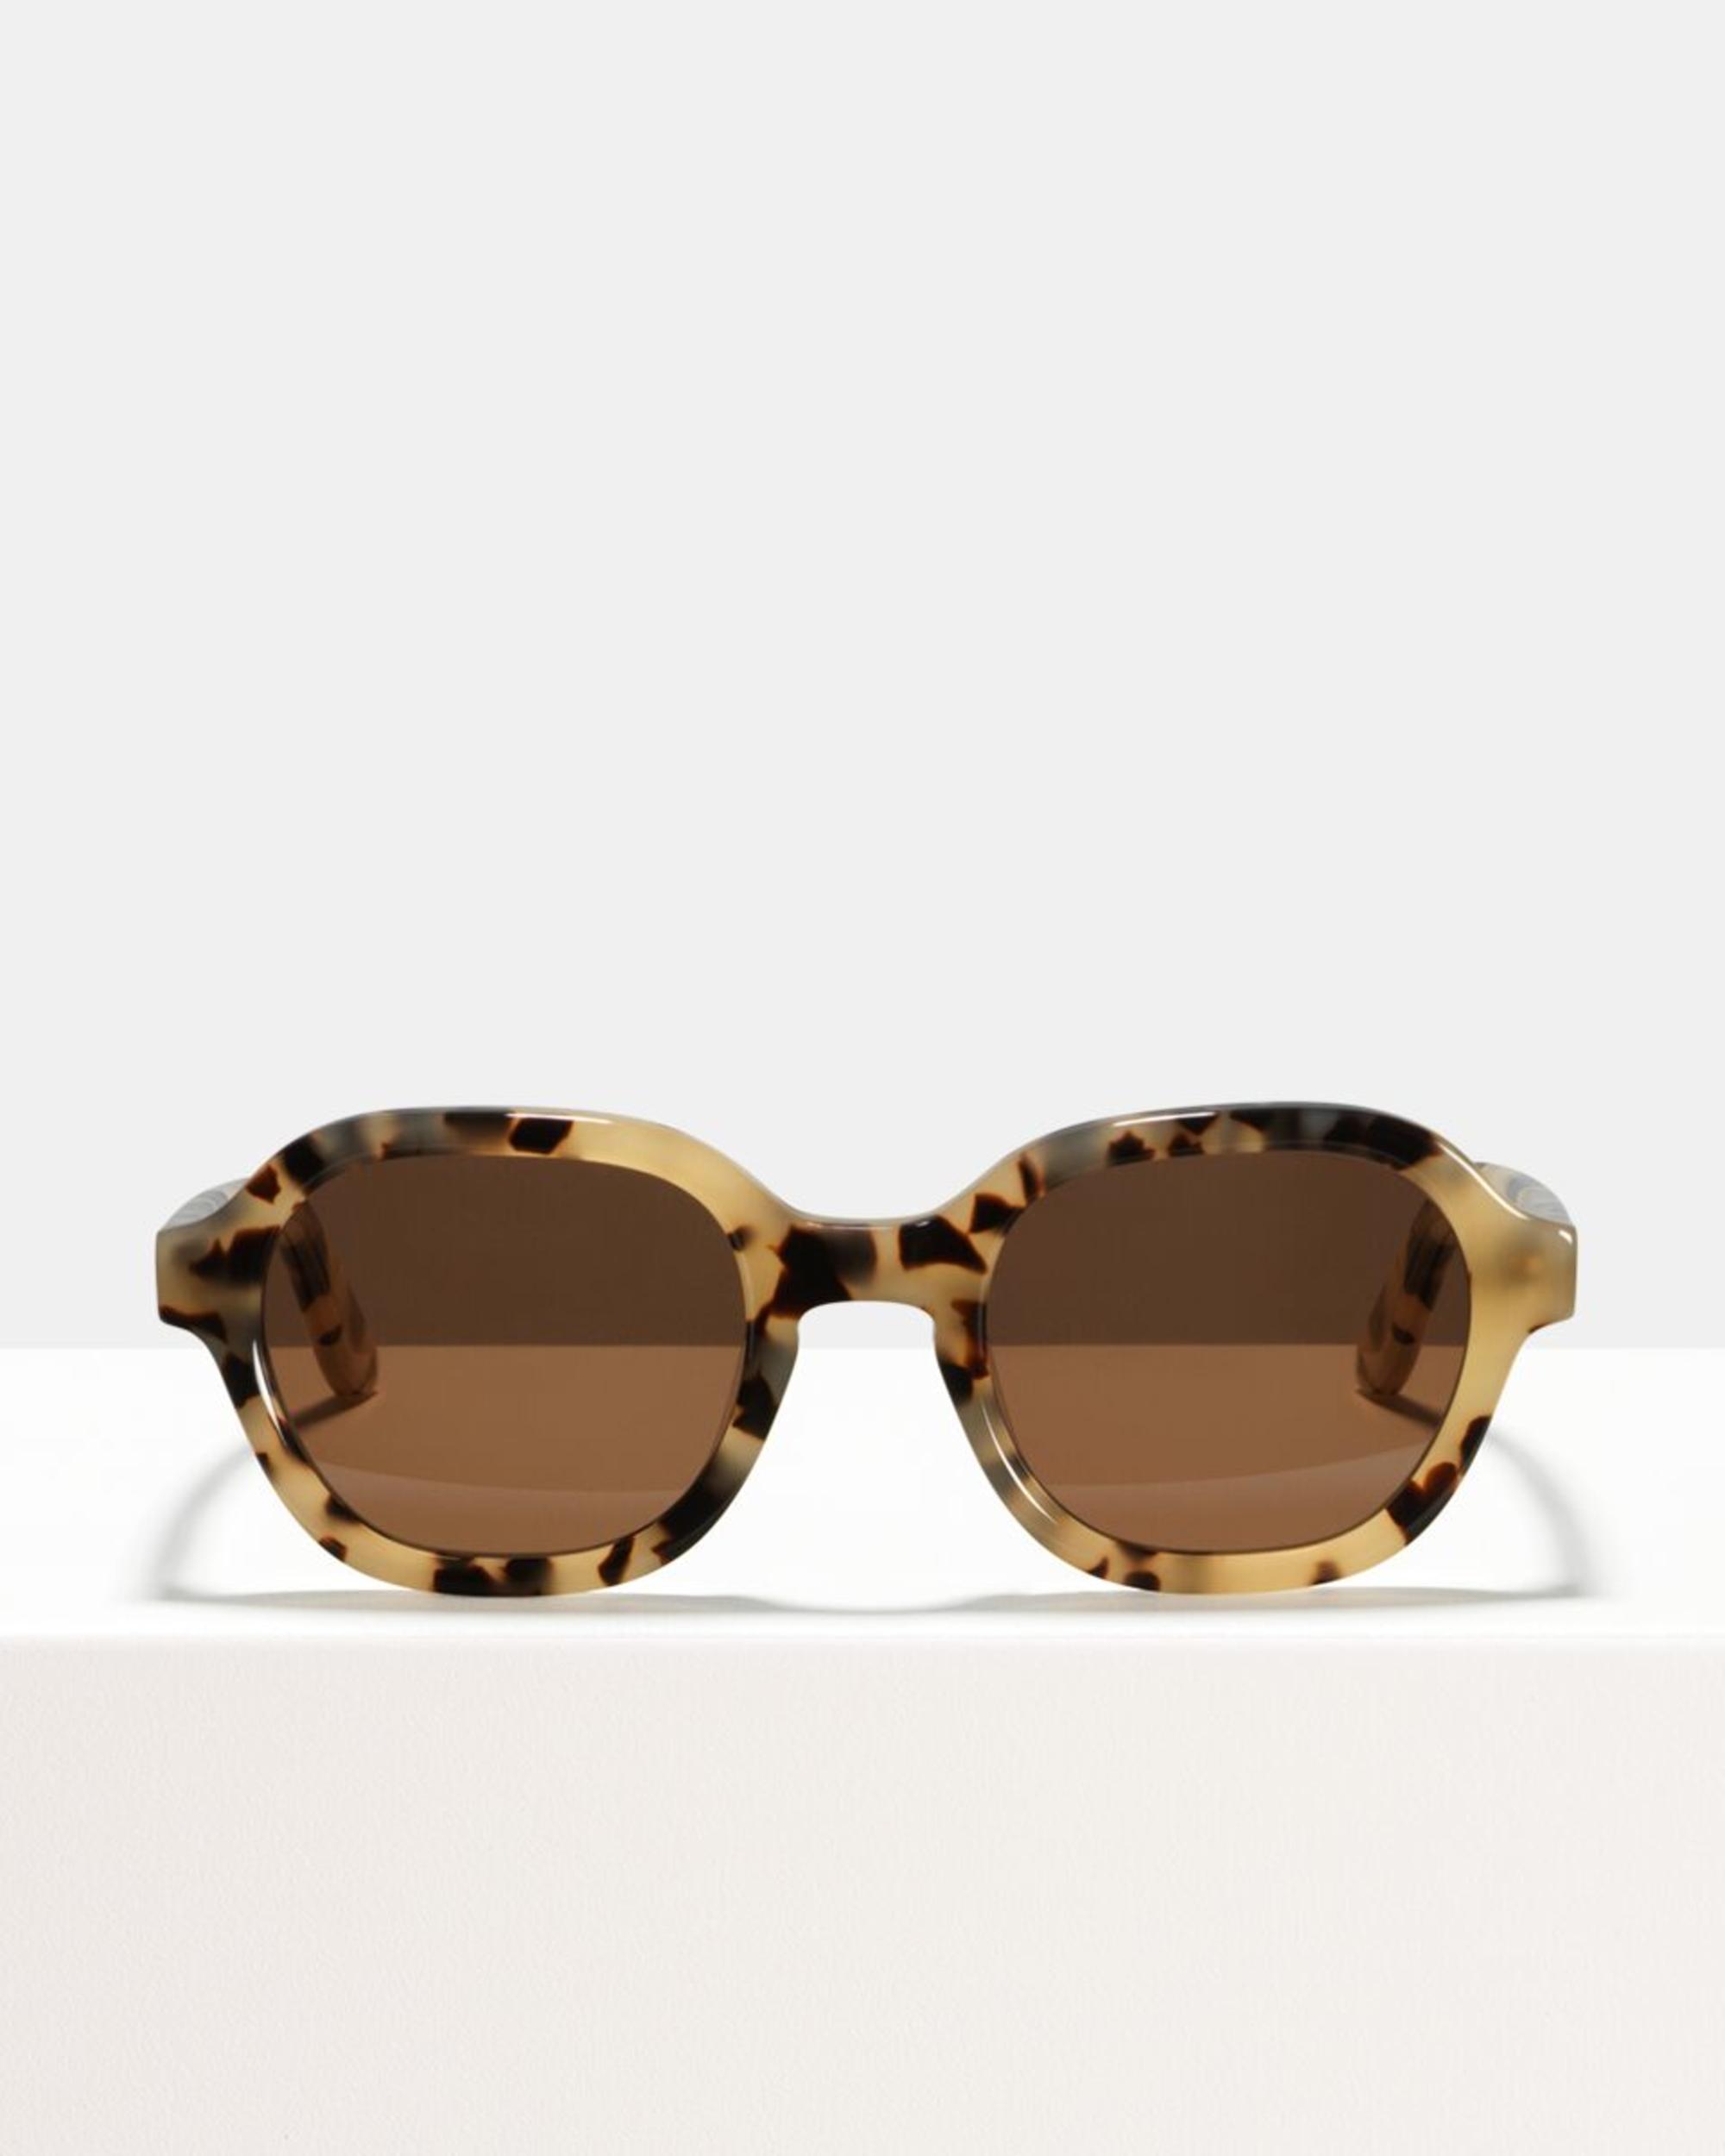 Ace & Tate Sunglasses | vierkant acetaat in Beige